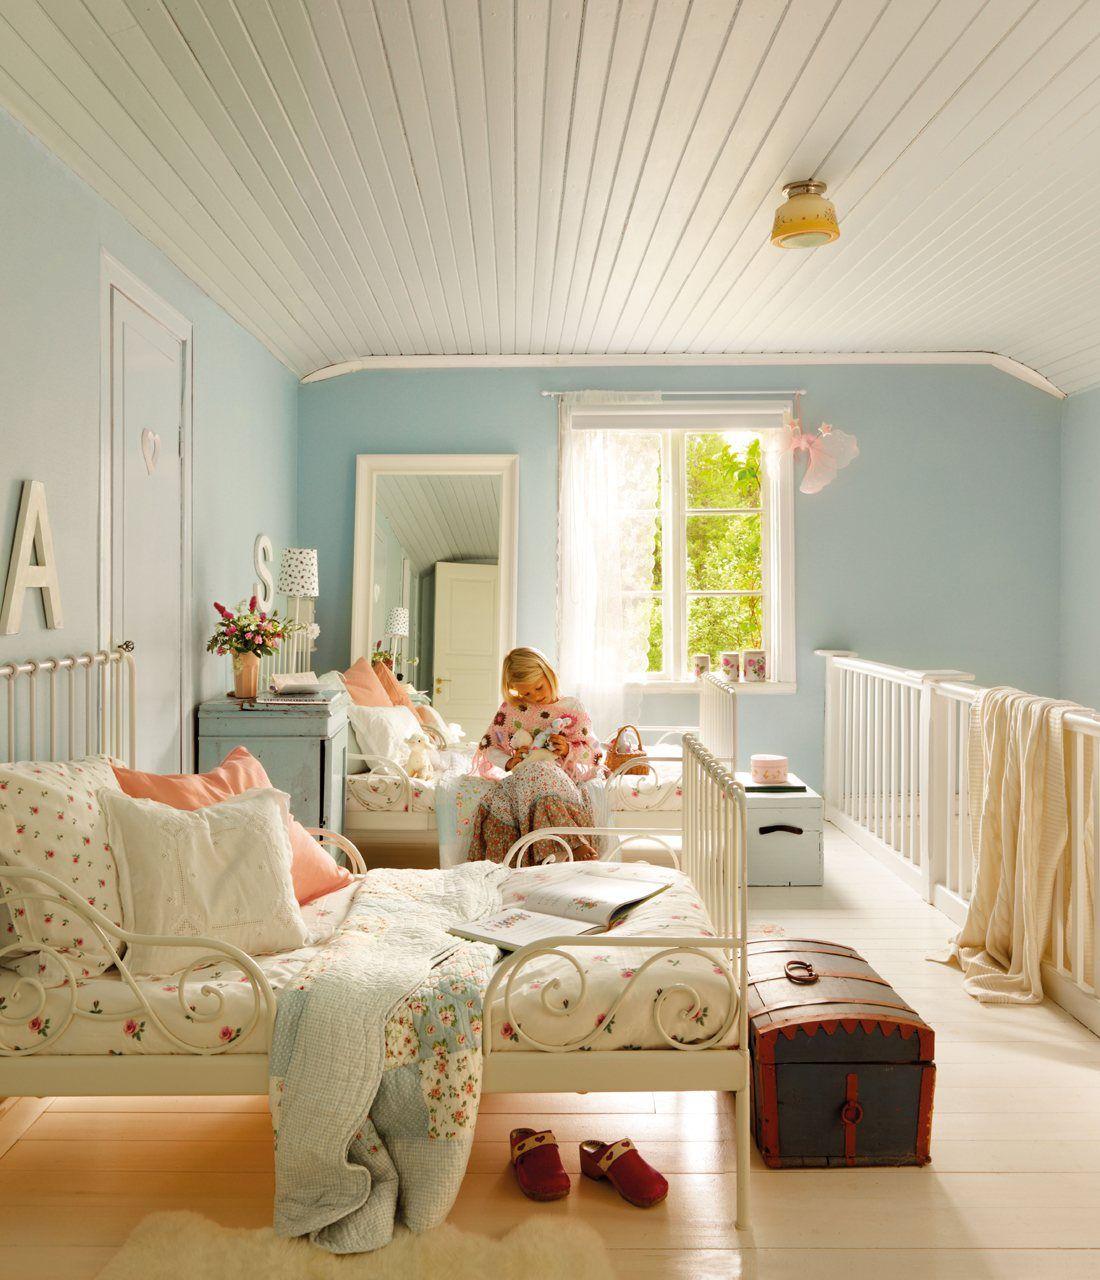 Dormitorio infantil azul y blanco con dos camas con ba les for Dormitorio infantil bosque